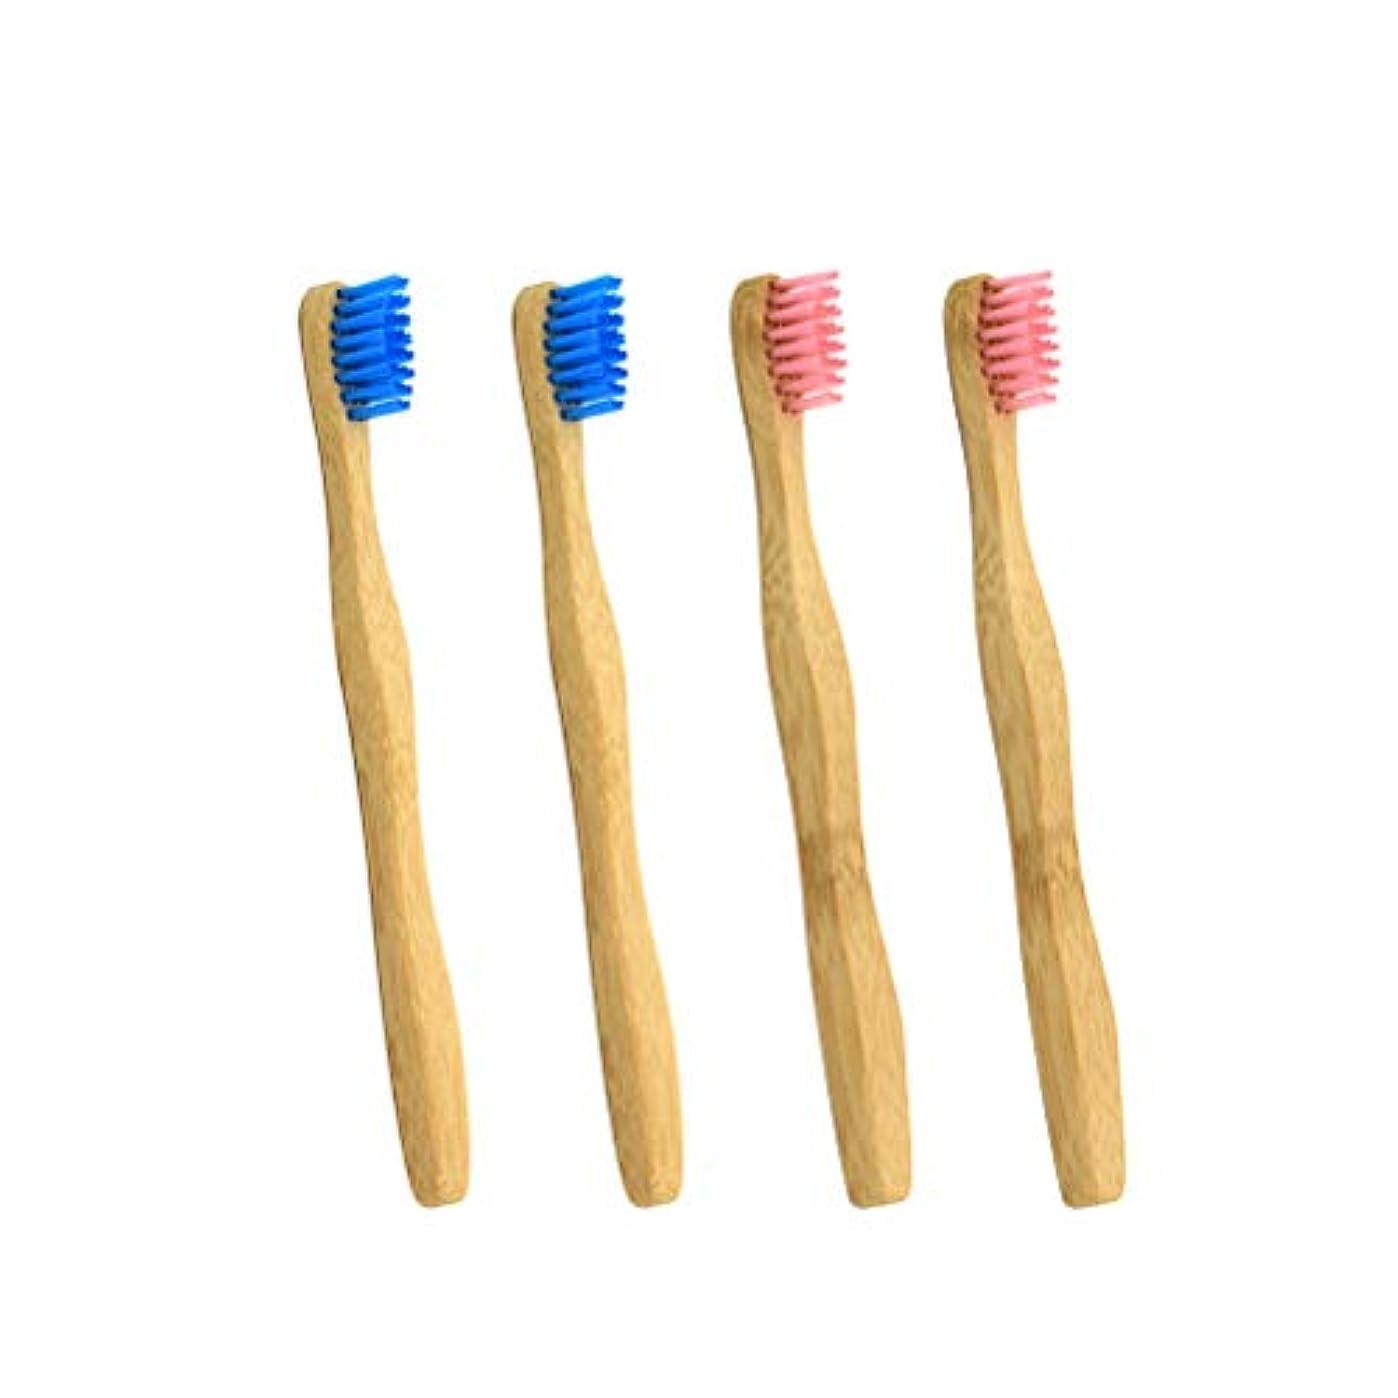 口述するコントローラ晩ごはんSUPVOX 4本の子供の竹の歯ブラシ生分解性エコフレンドリーな歯ブラシ(ピンクとブルー各2本)